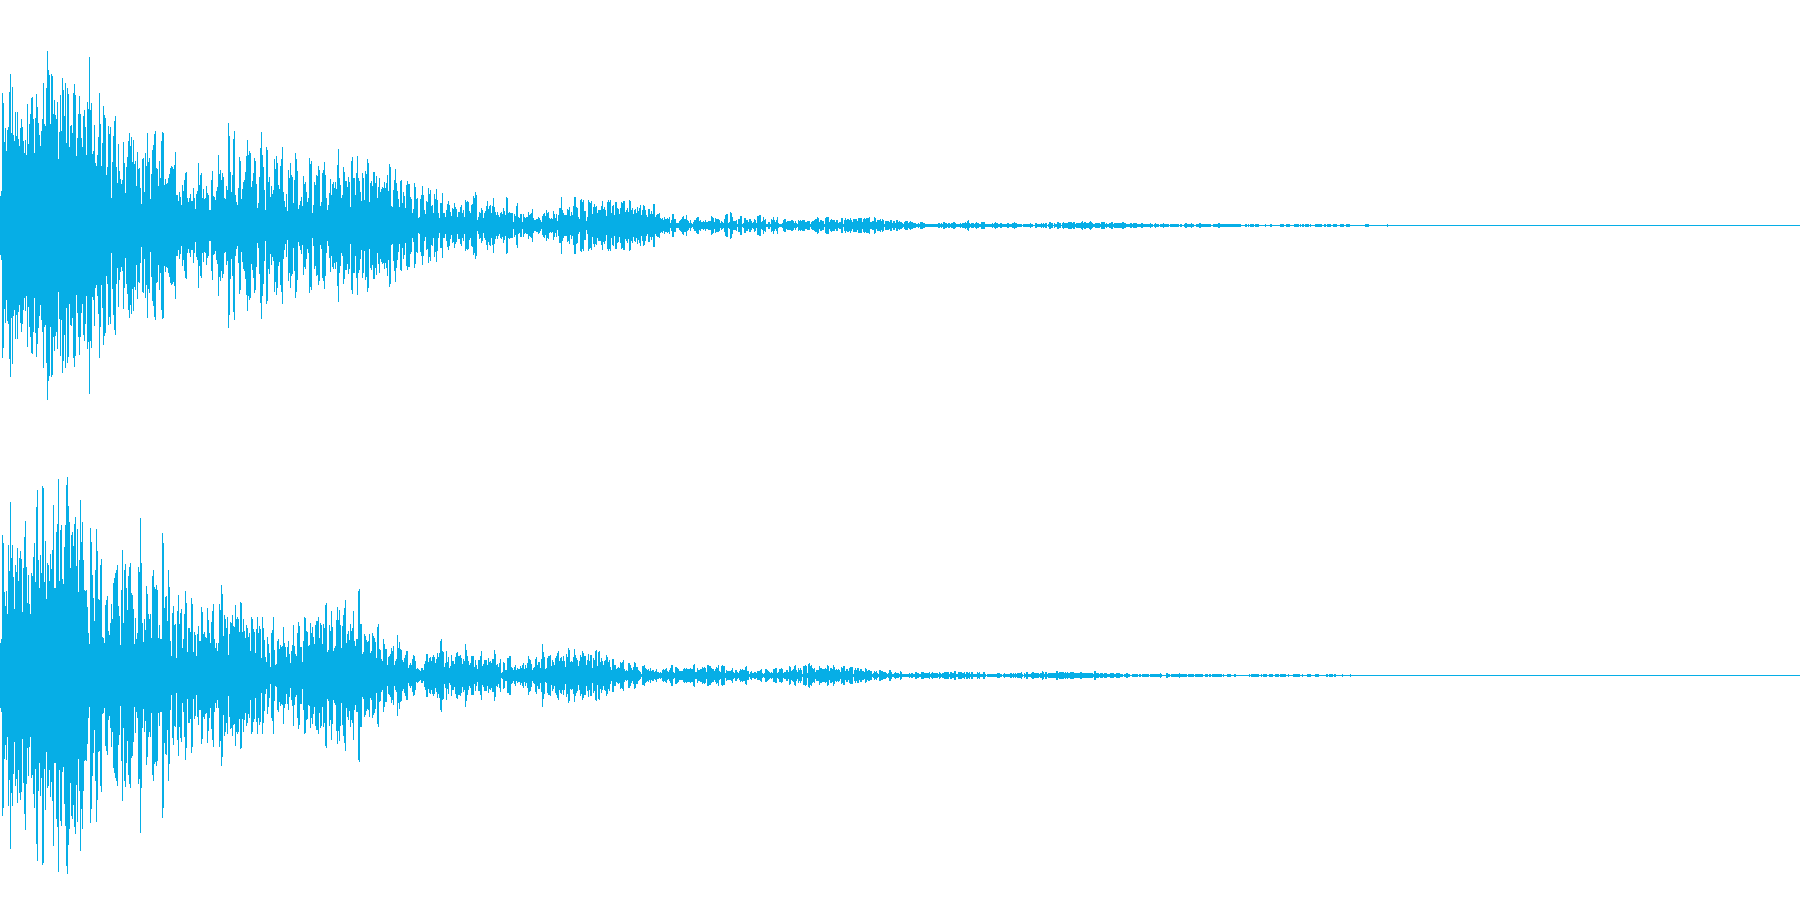 太鼓と三味線の和風インパクトジングル!9の再生済みの波形